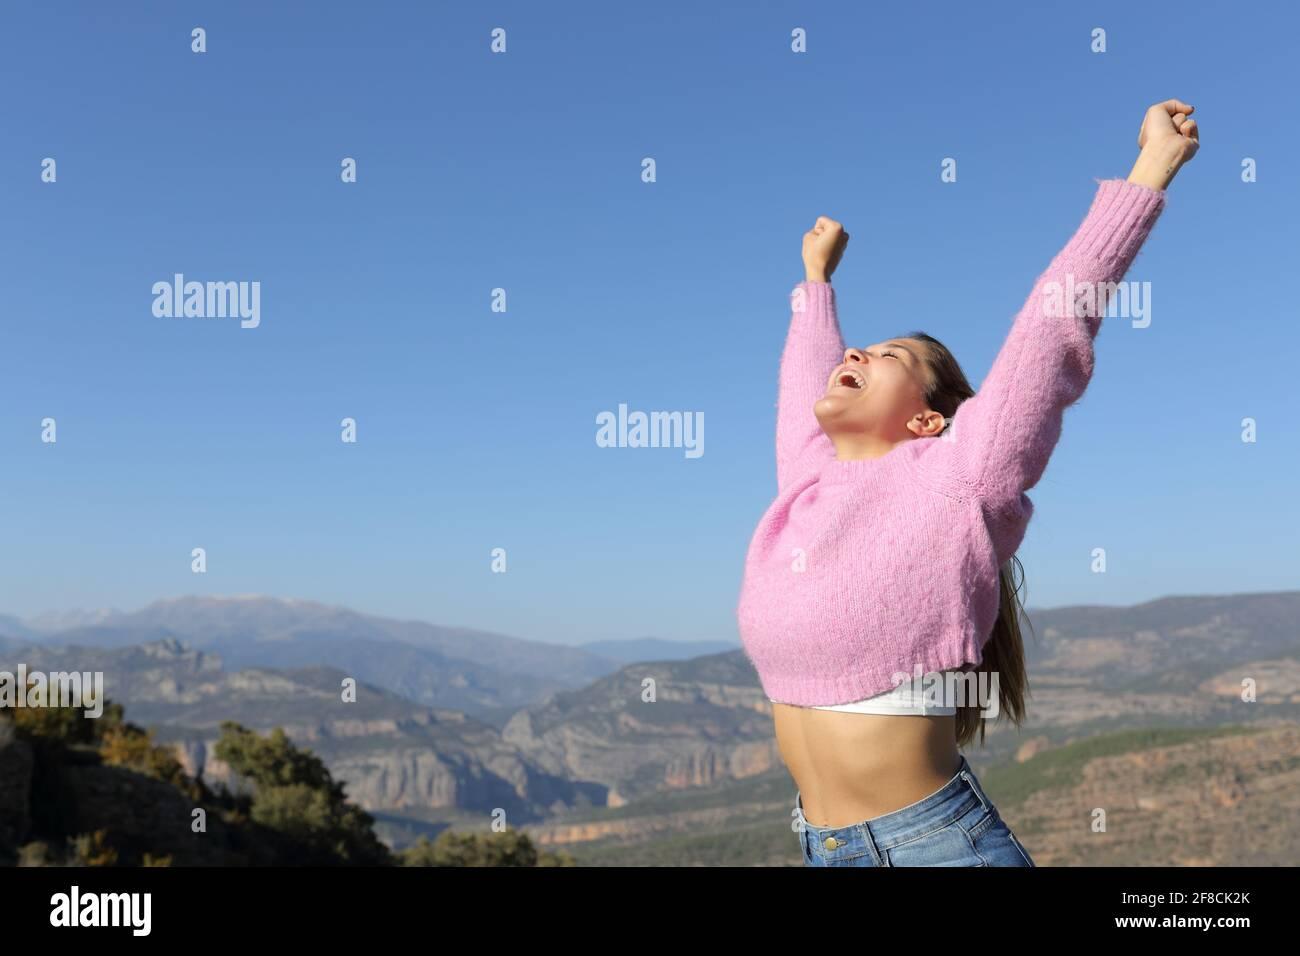 Femme excitée en rose levant des bras célébrant des vacances dans le montagne une journée ensoleillée Banque D'Images